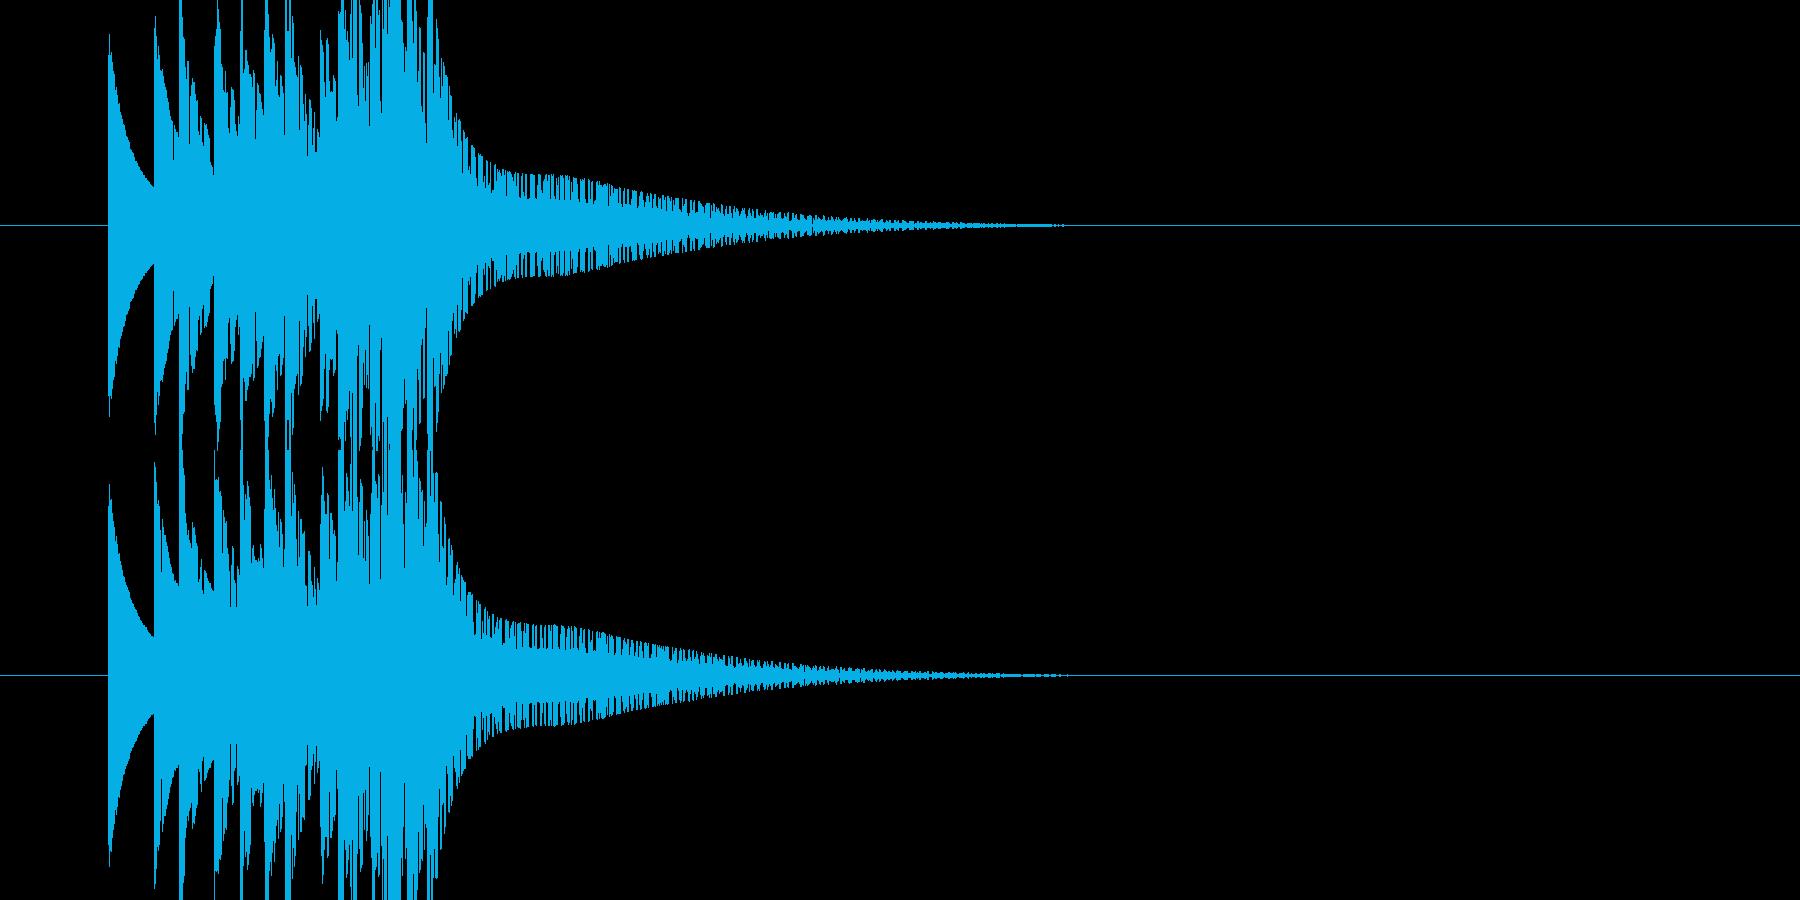 ゲーム ファミコンの上昇音の再生済みの波形